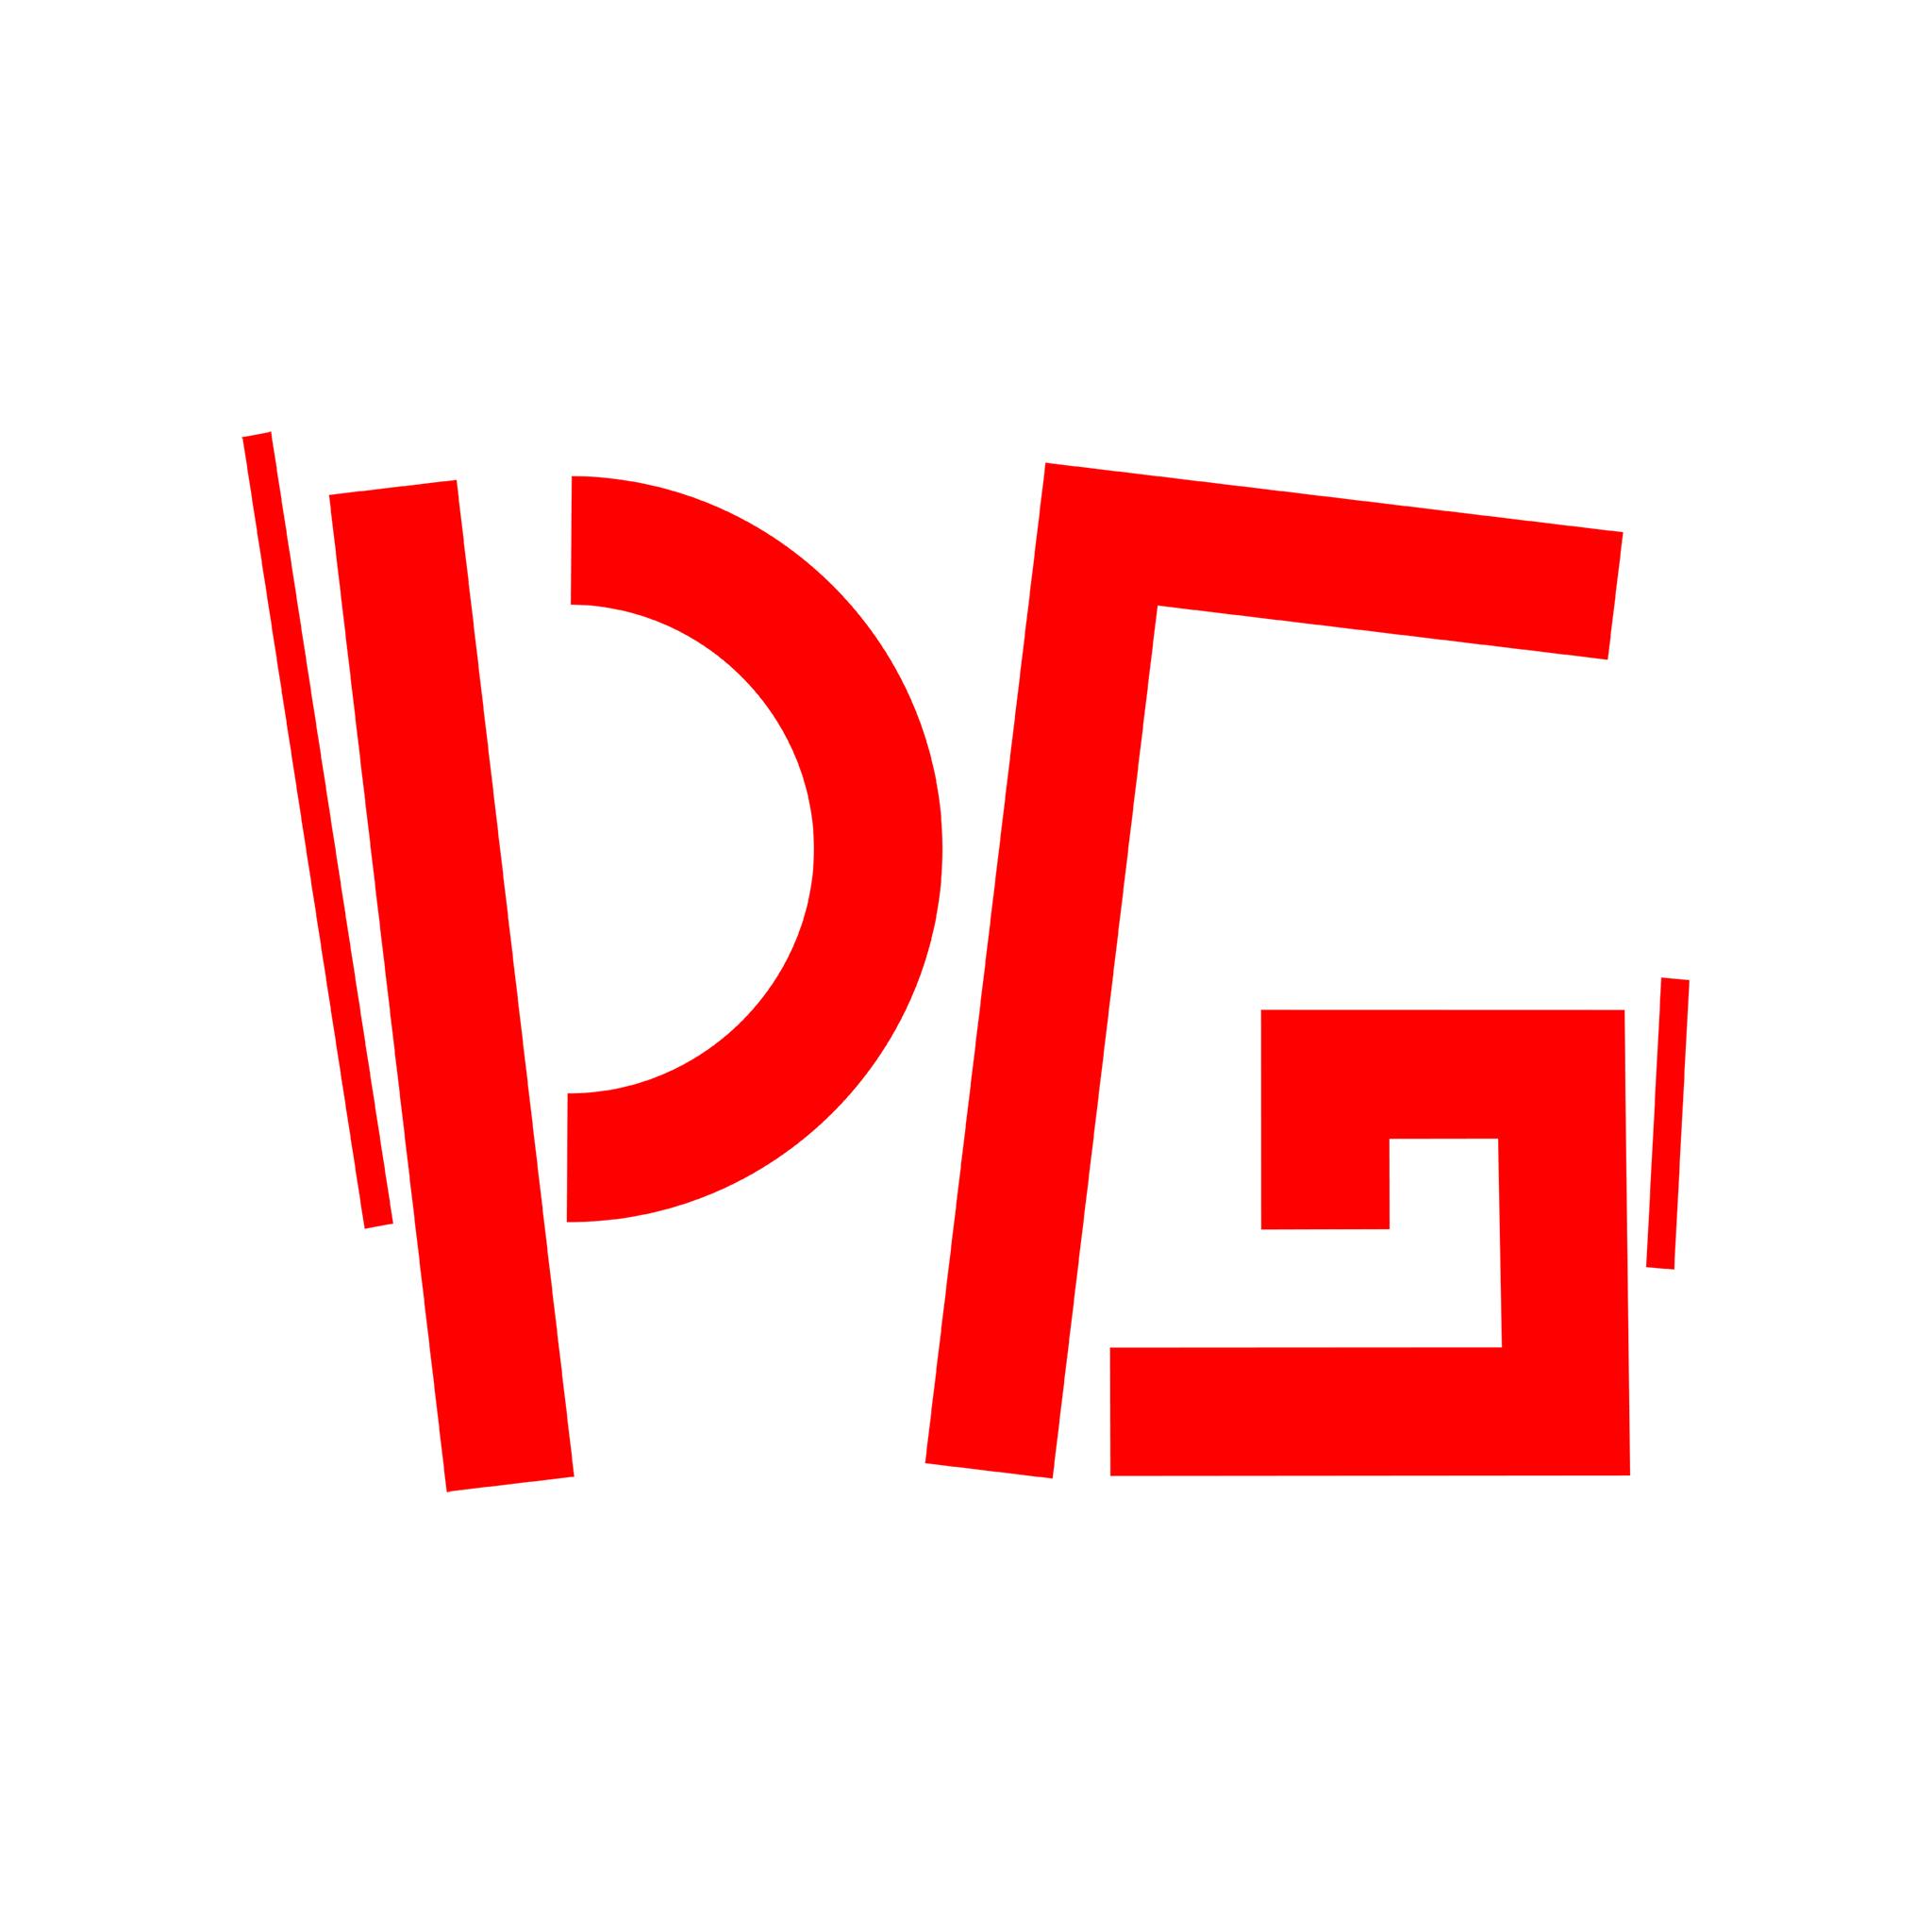 PG Tune